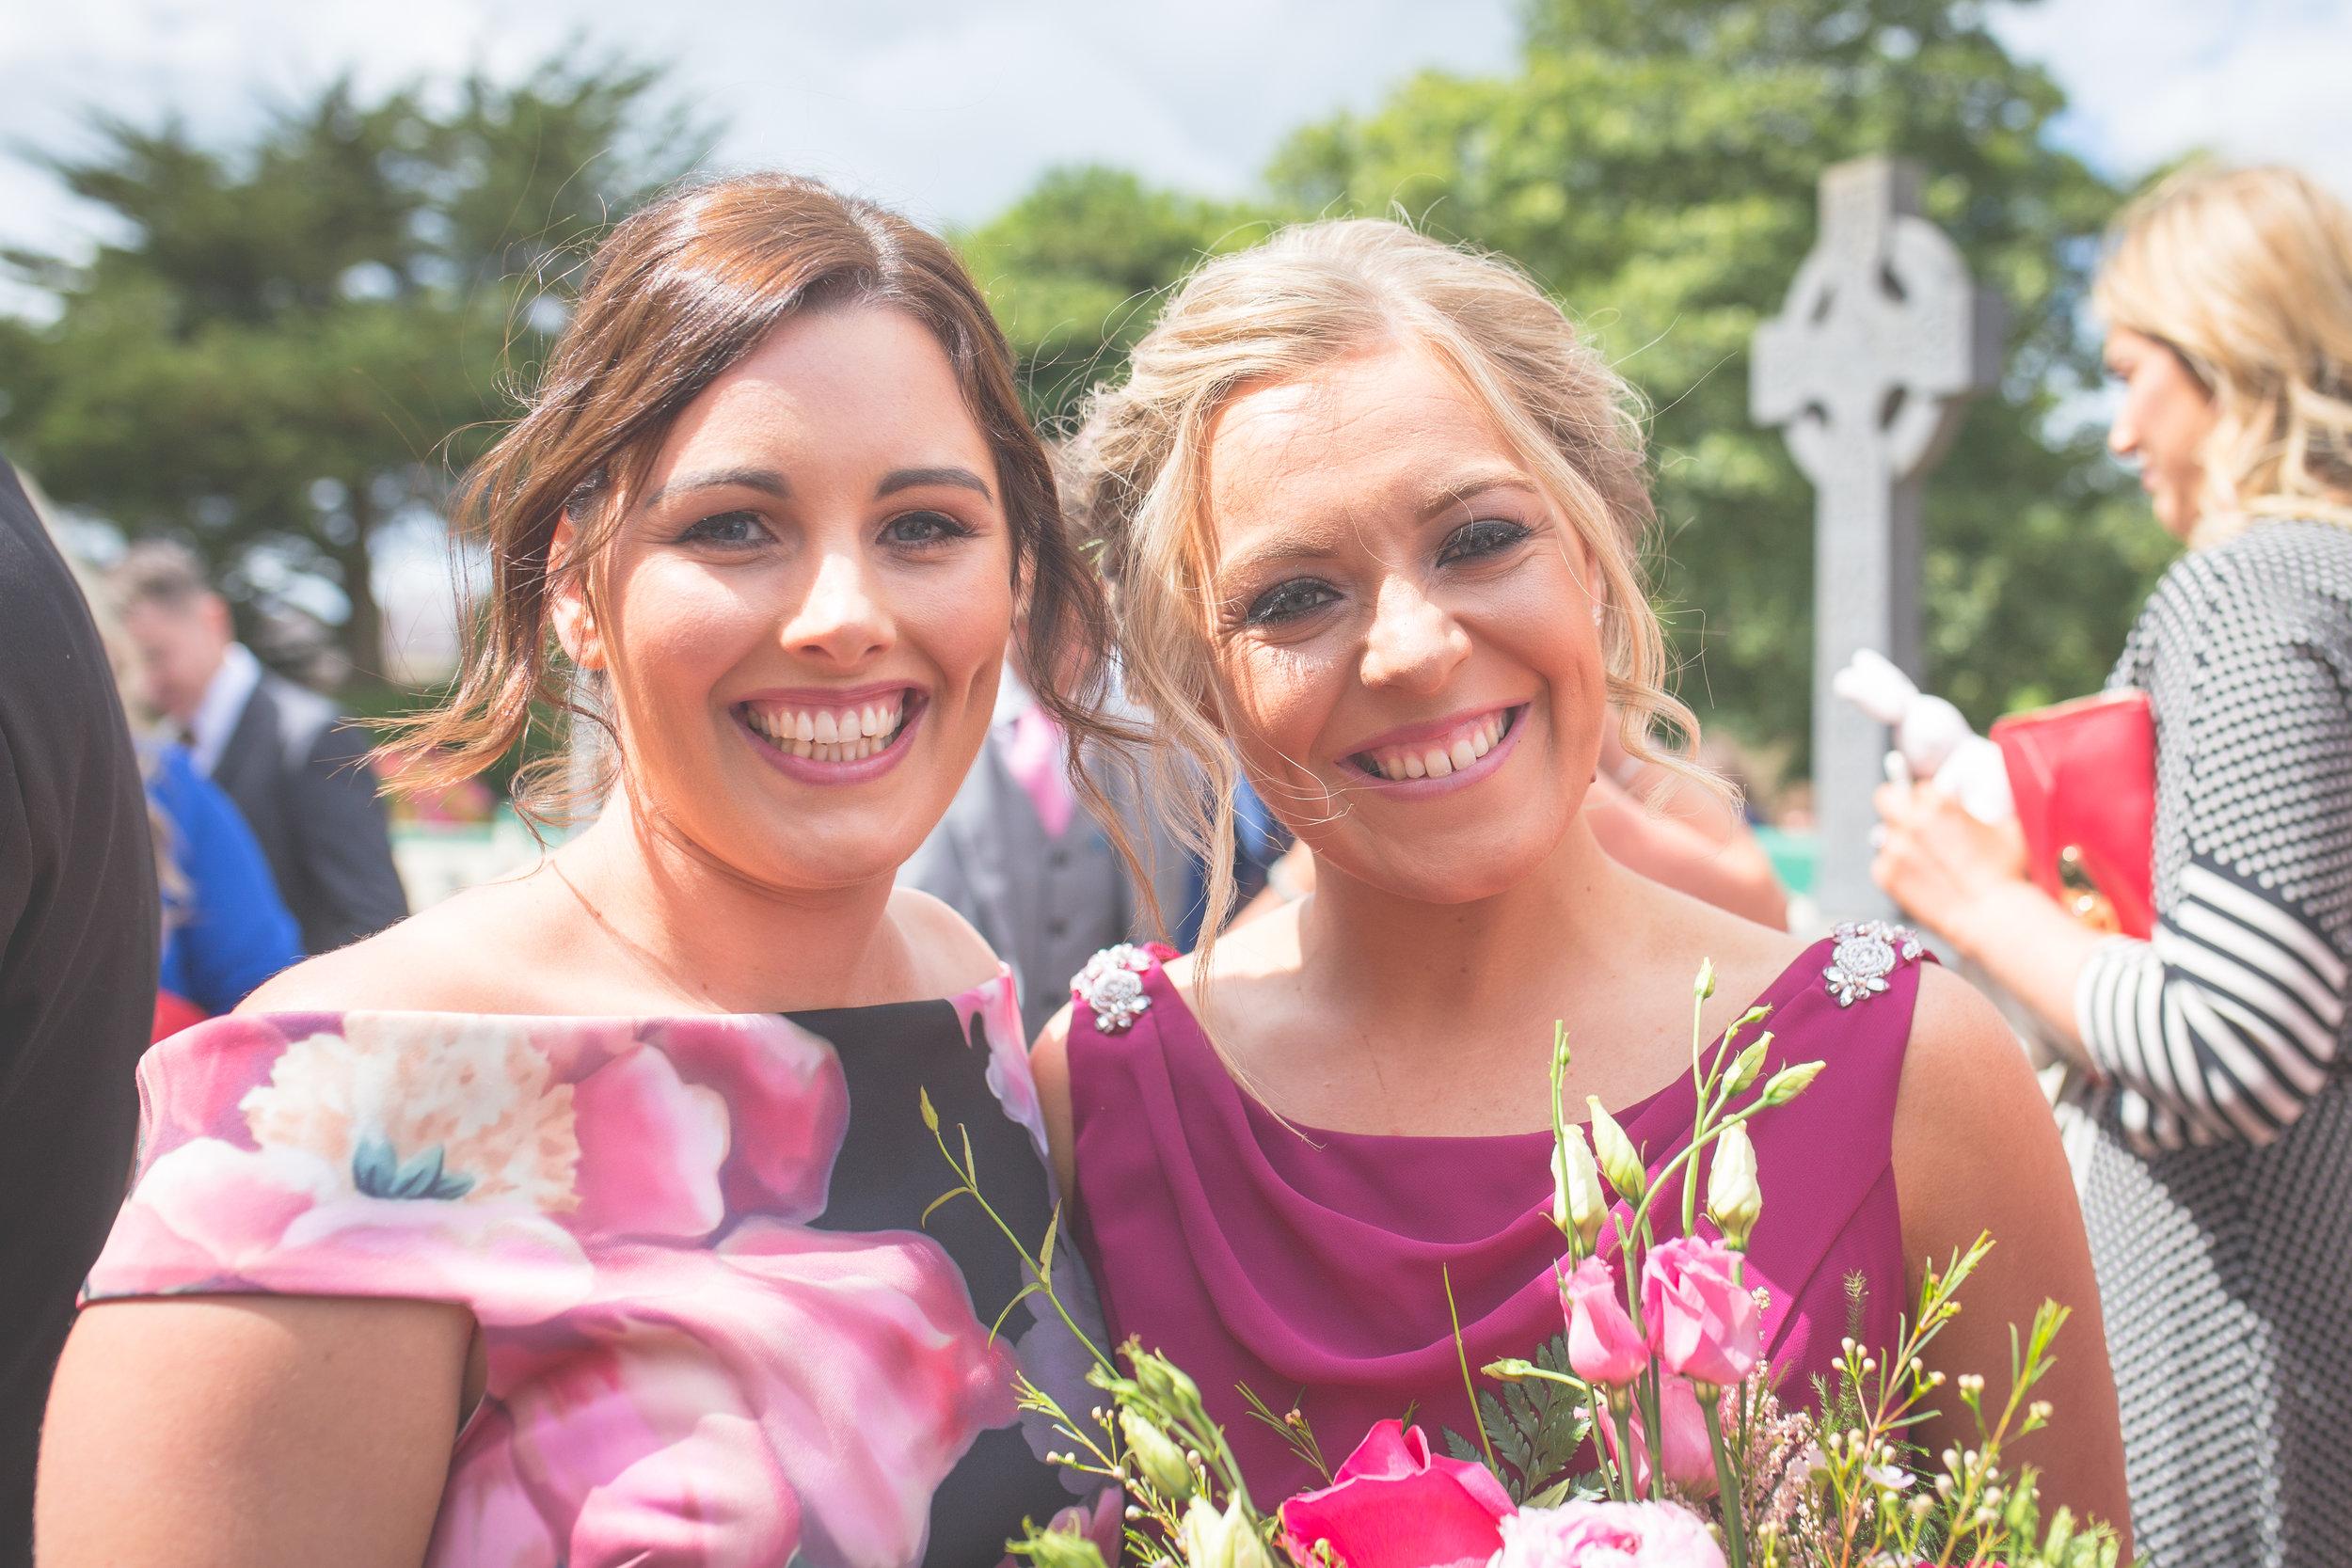 Brian McEwan Wedding Photography   Carol-Anne & Sean   The Ceremony-125.jpg